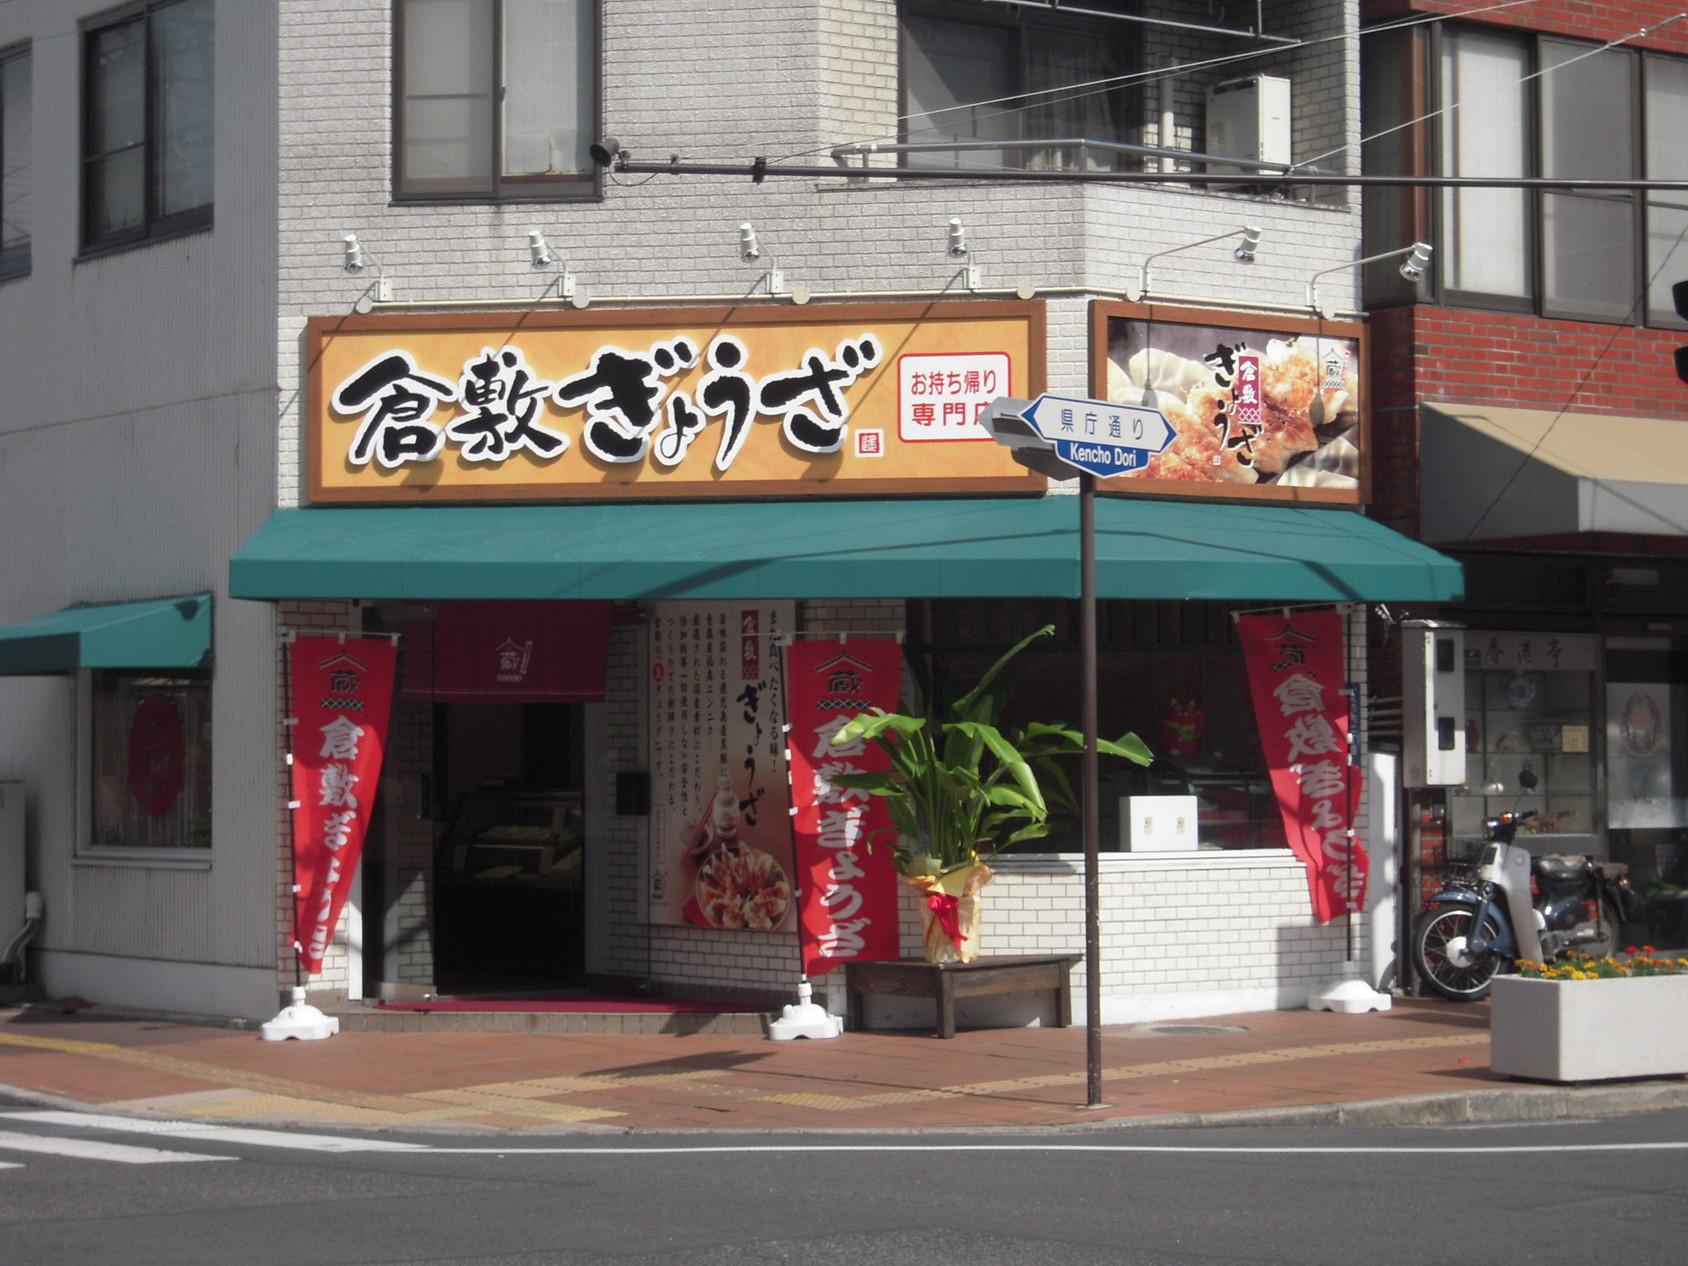 倉敷ぎょうざ 岡山県庁通り店